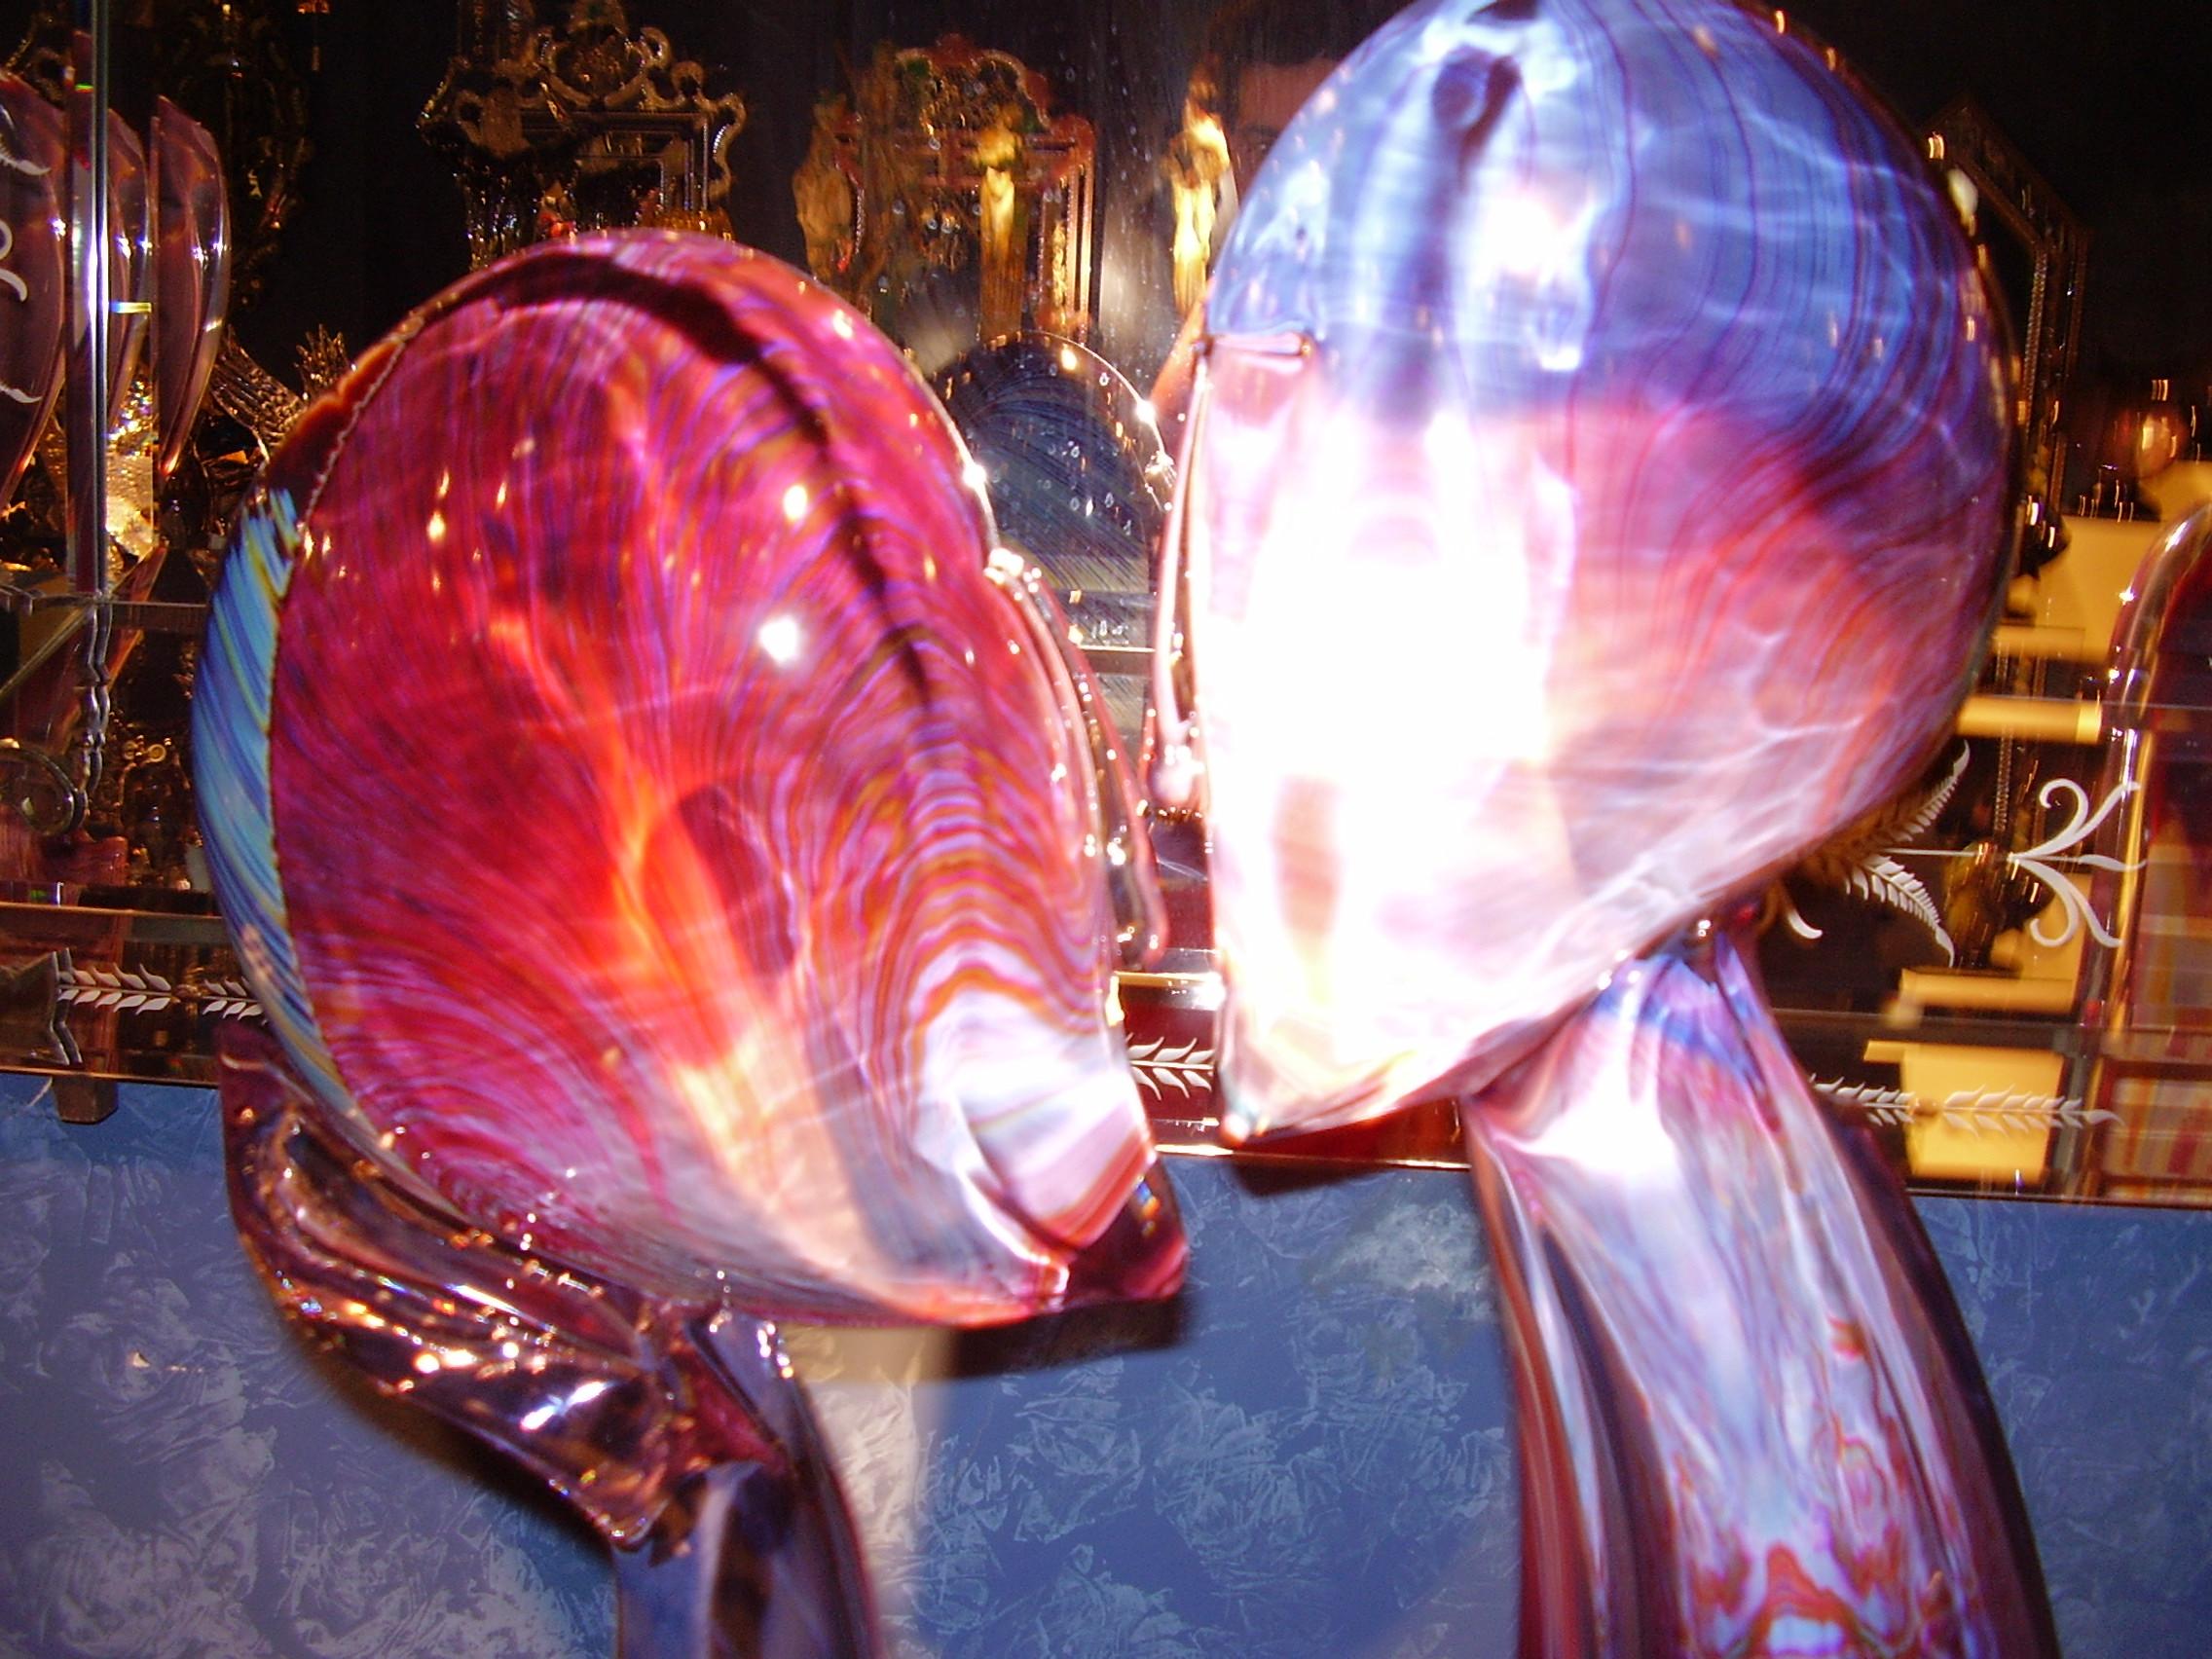 Скульптура из стекла - Мурано - Венеция - Экскурсия по Италии